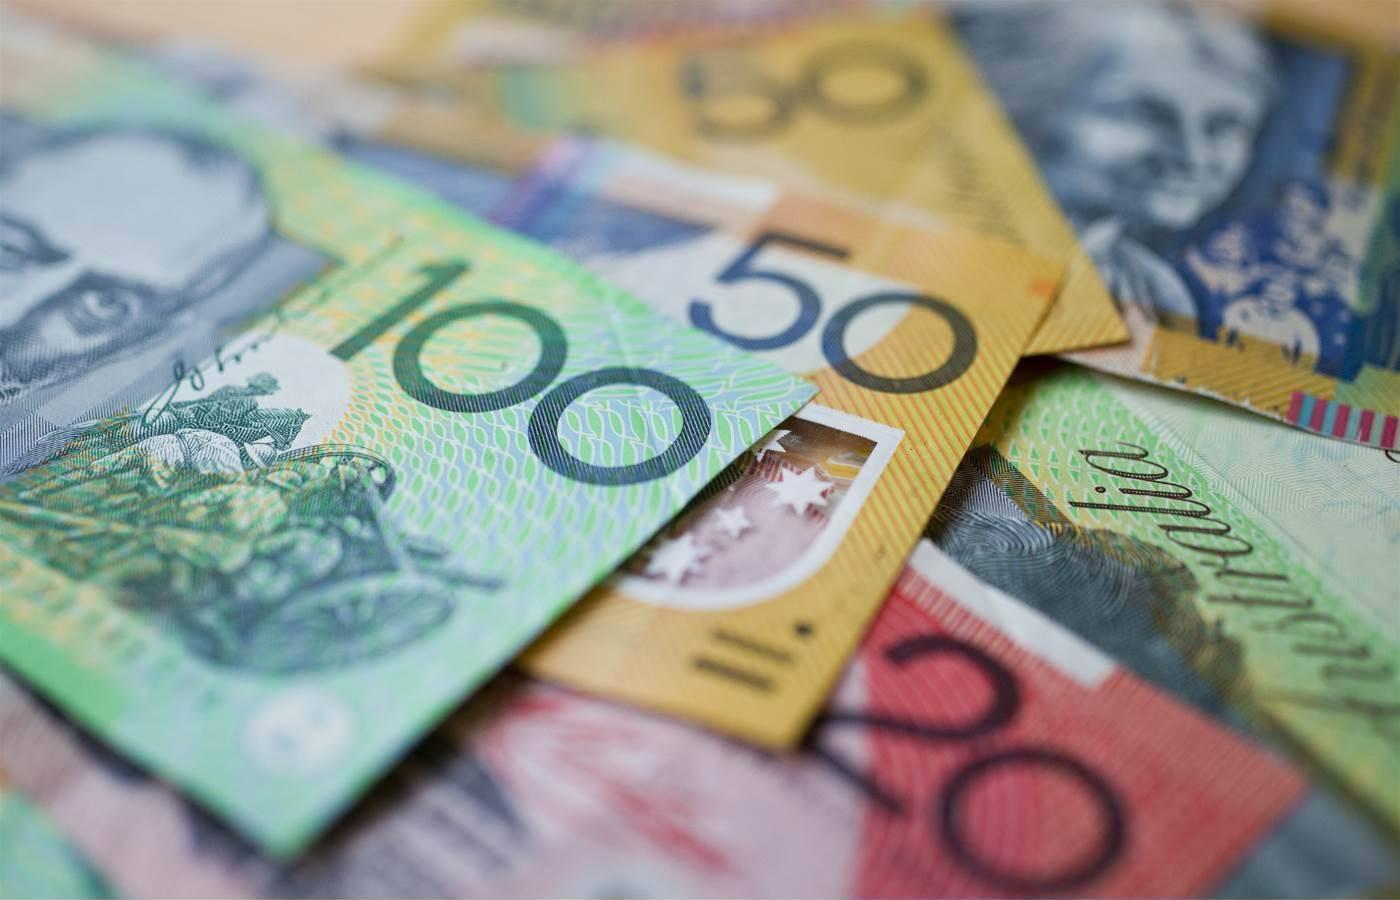 Aussie retailers to spend $5 billion on IT next year